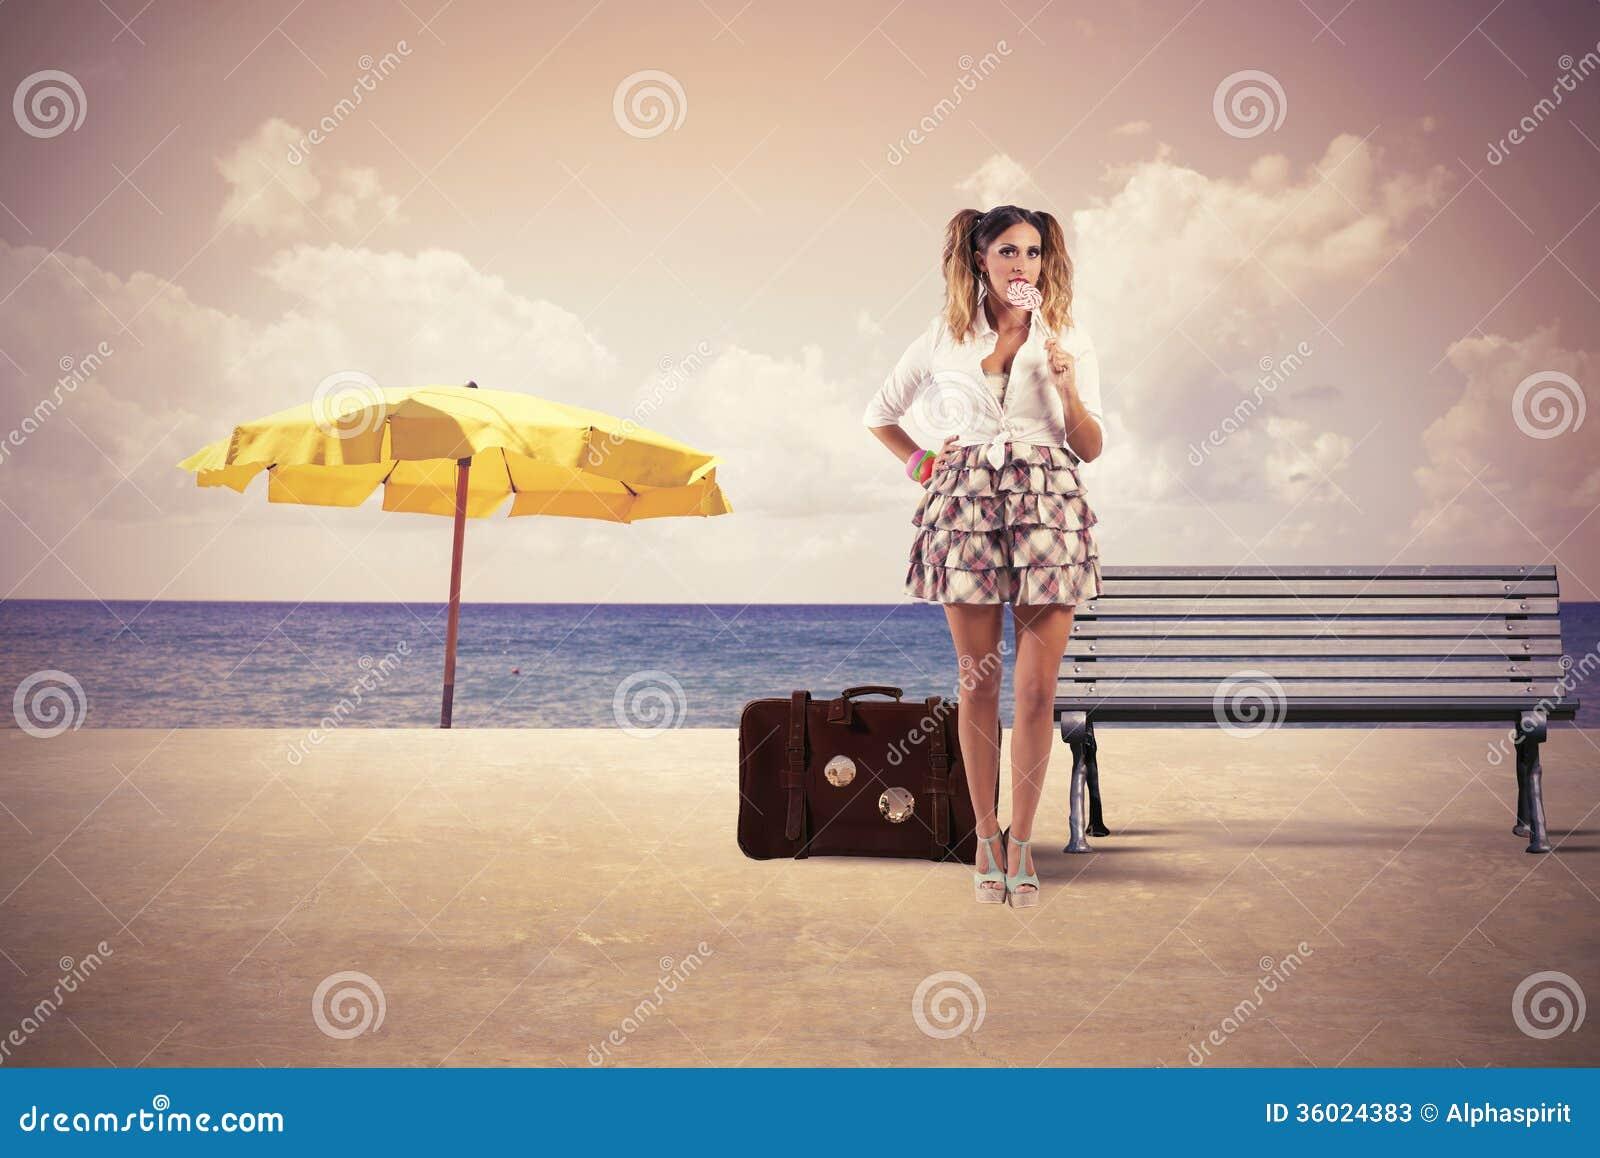 Viaje del verano